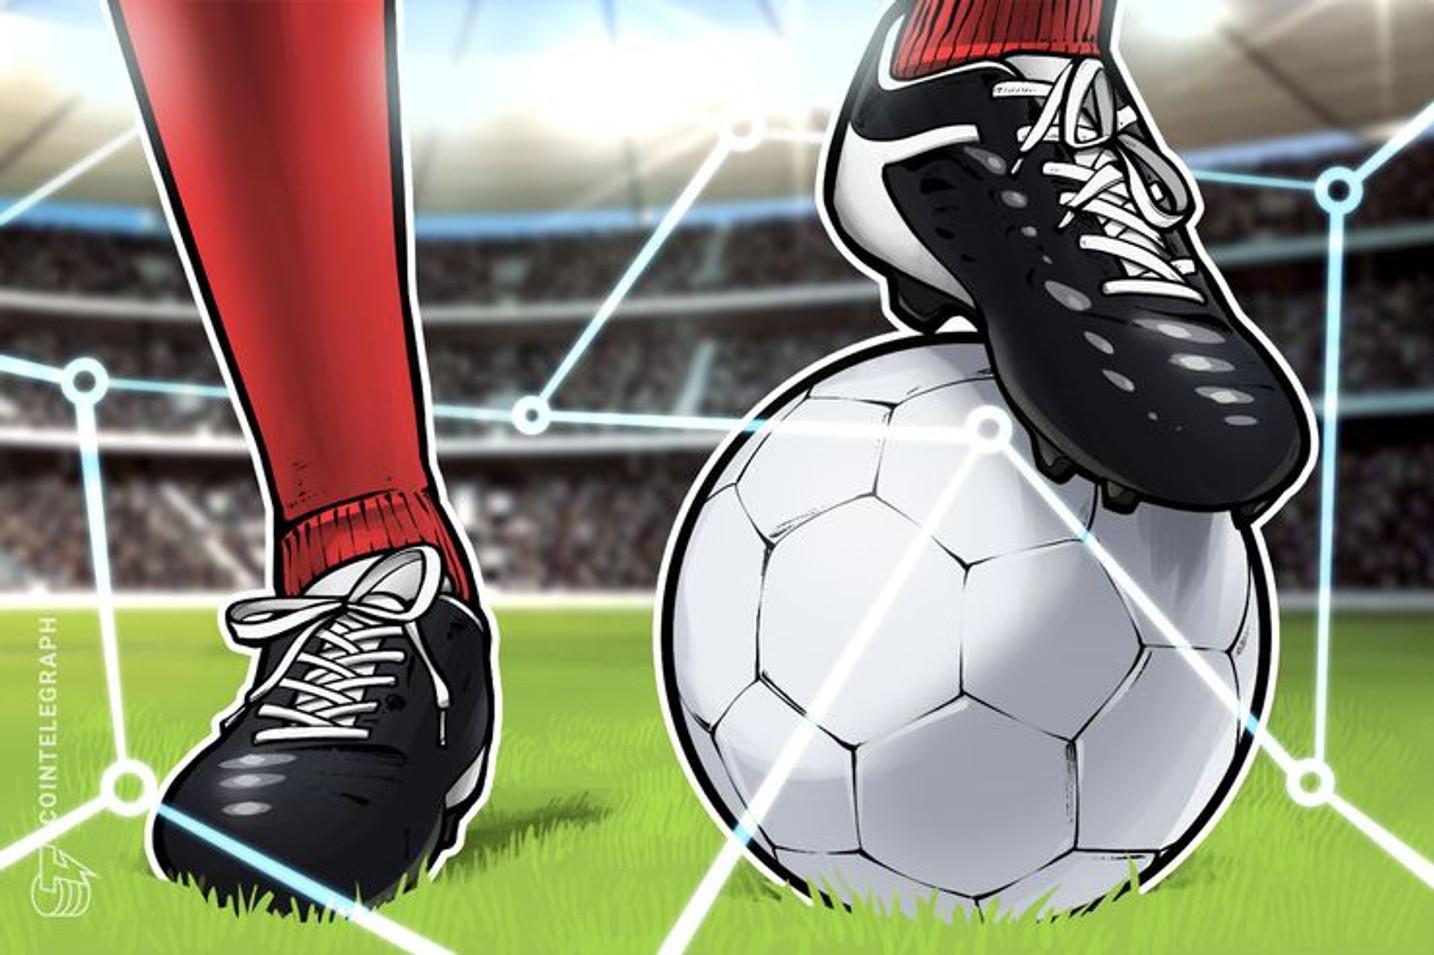 México: Club de Fútbol Bravos establece alianza con la fintech Pagando